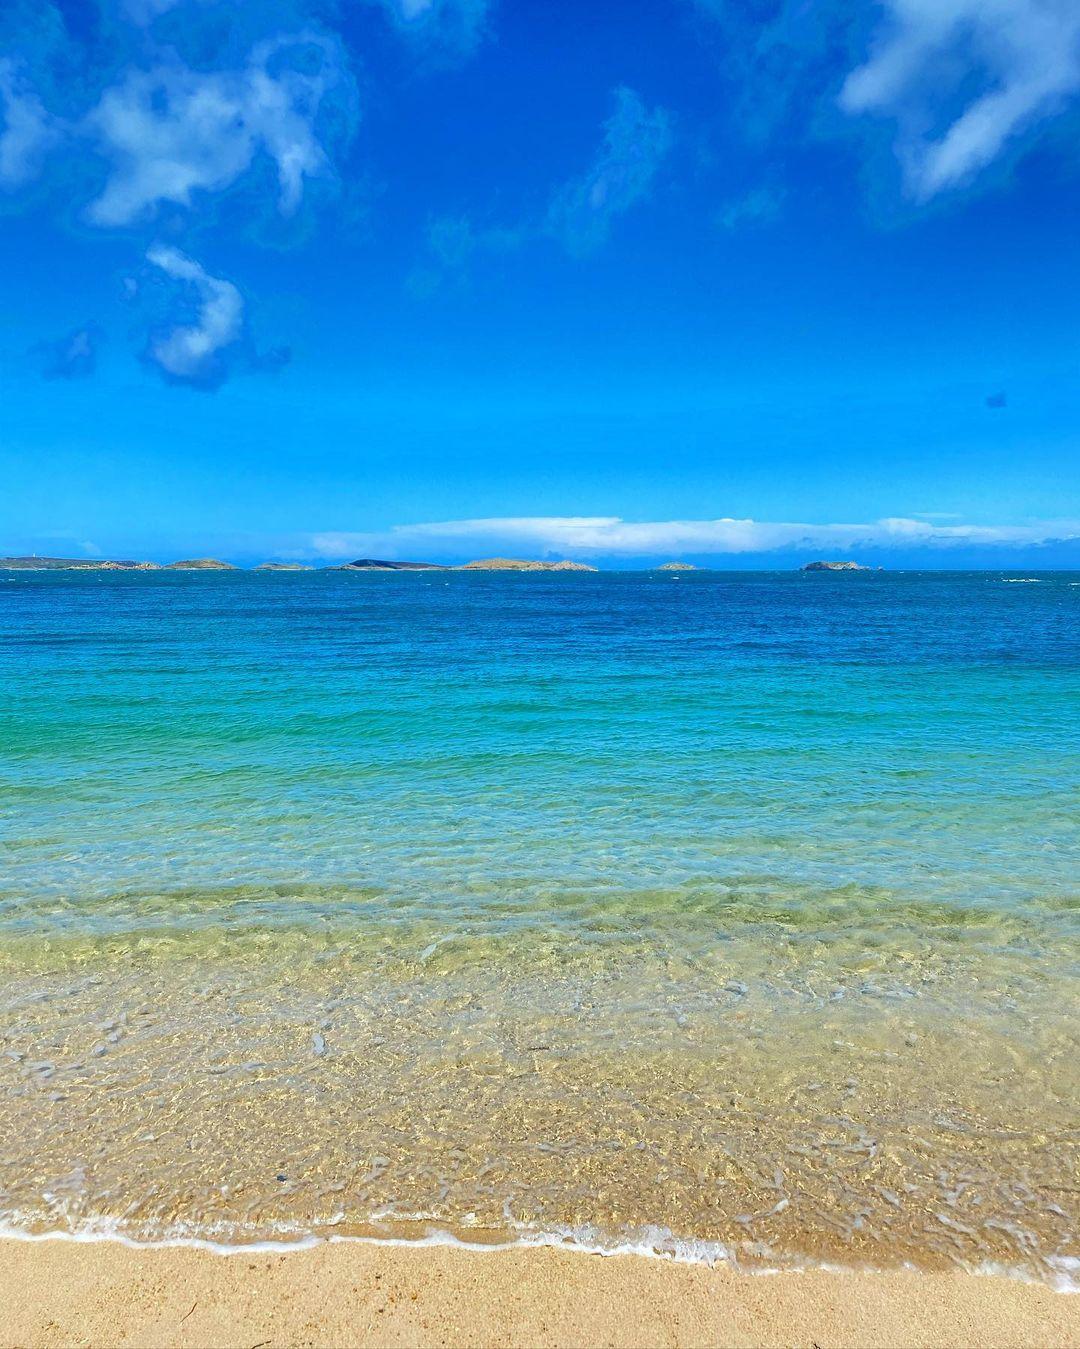 Isles of Scilly British Beach